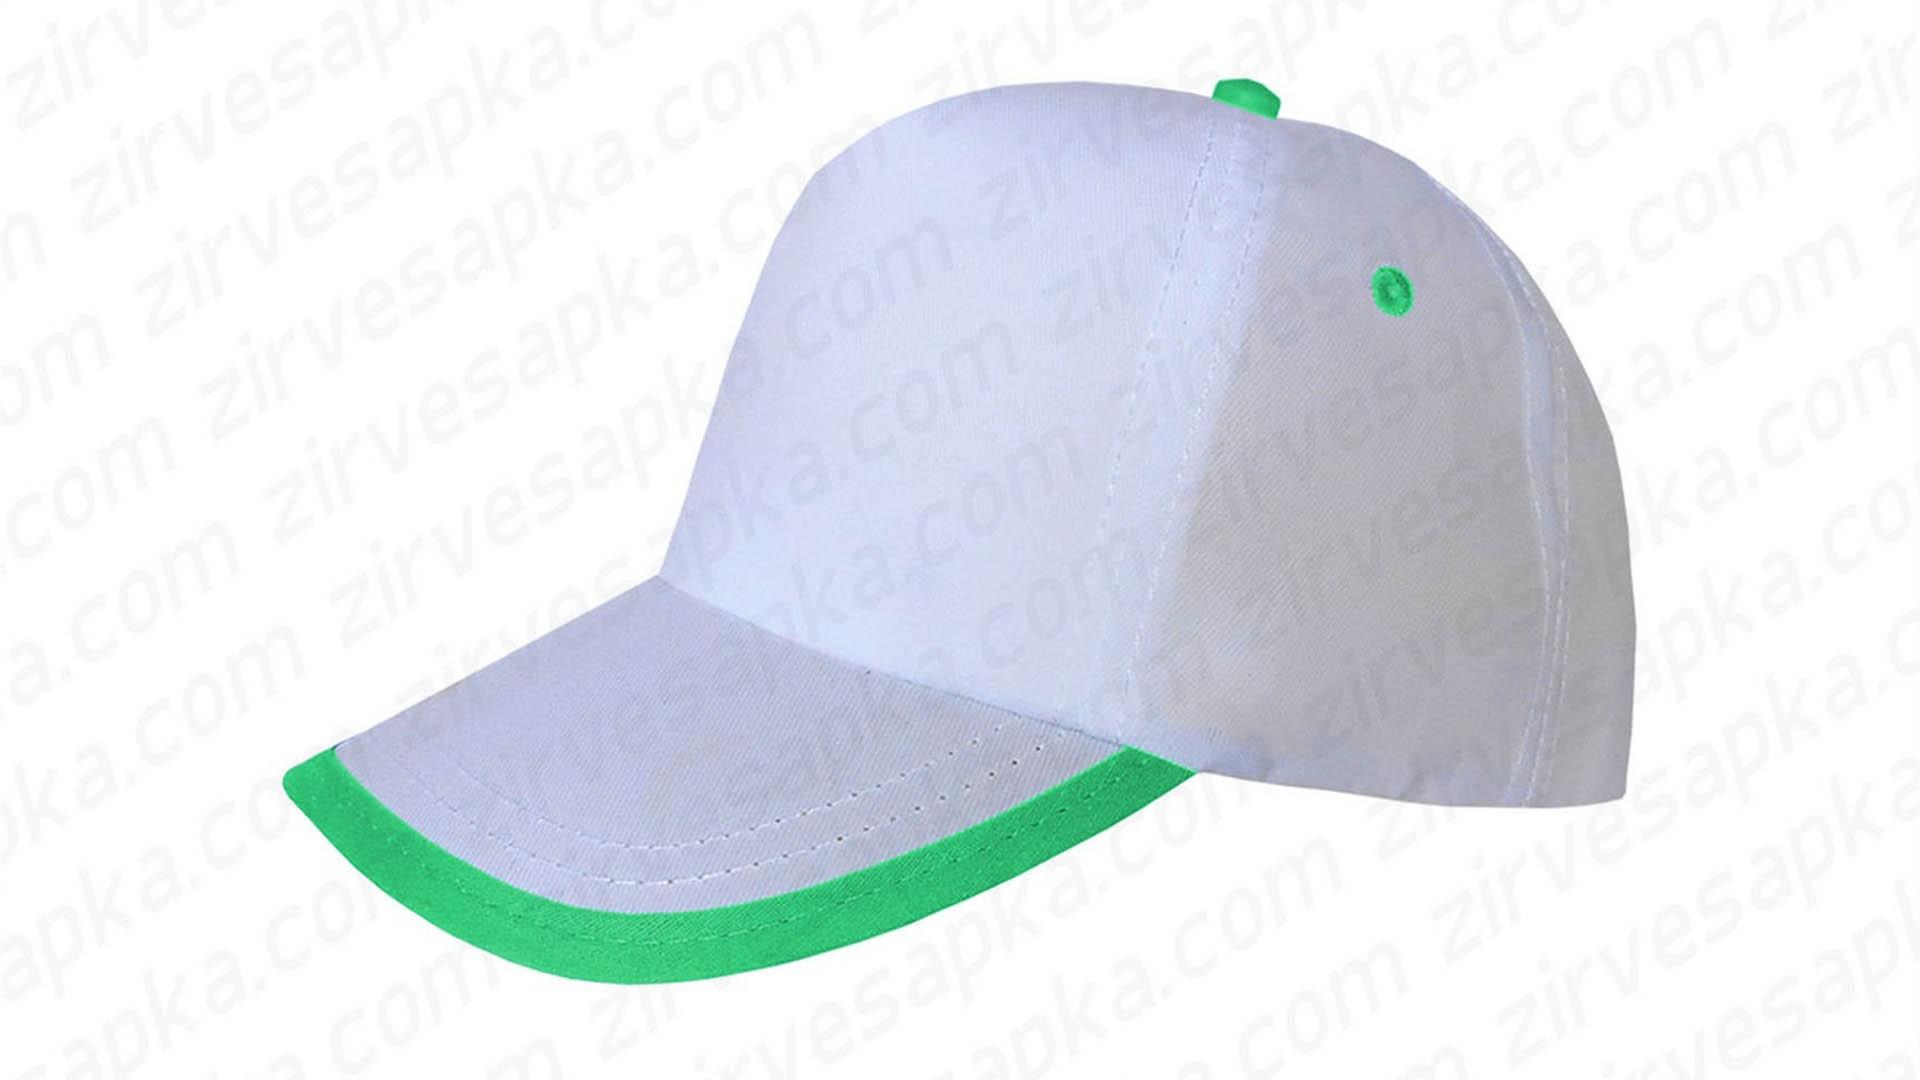 Siperi Biyeli Bereket Şapka - Beyaz Yeşil